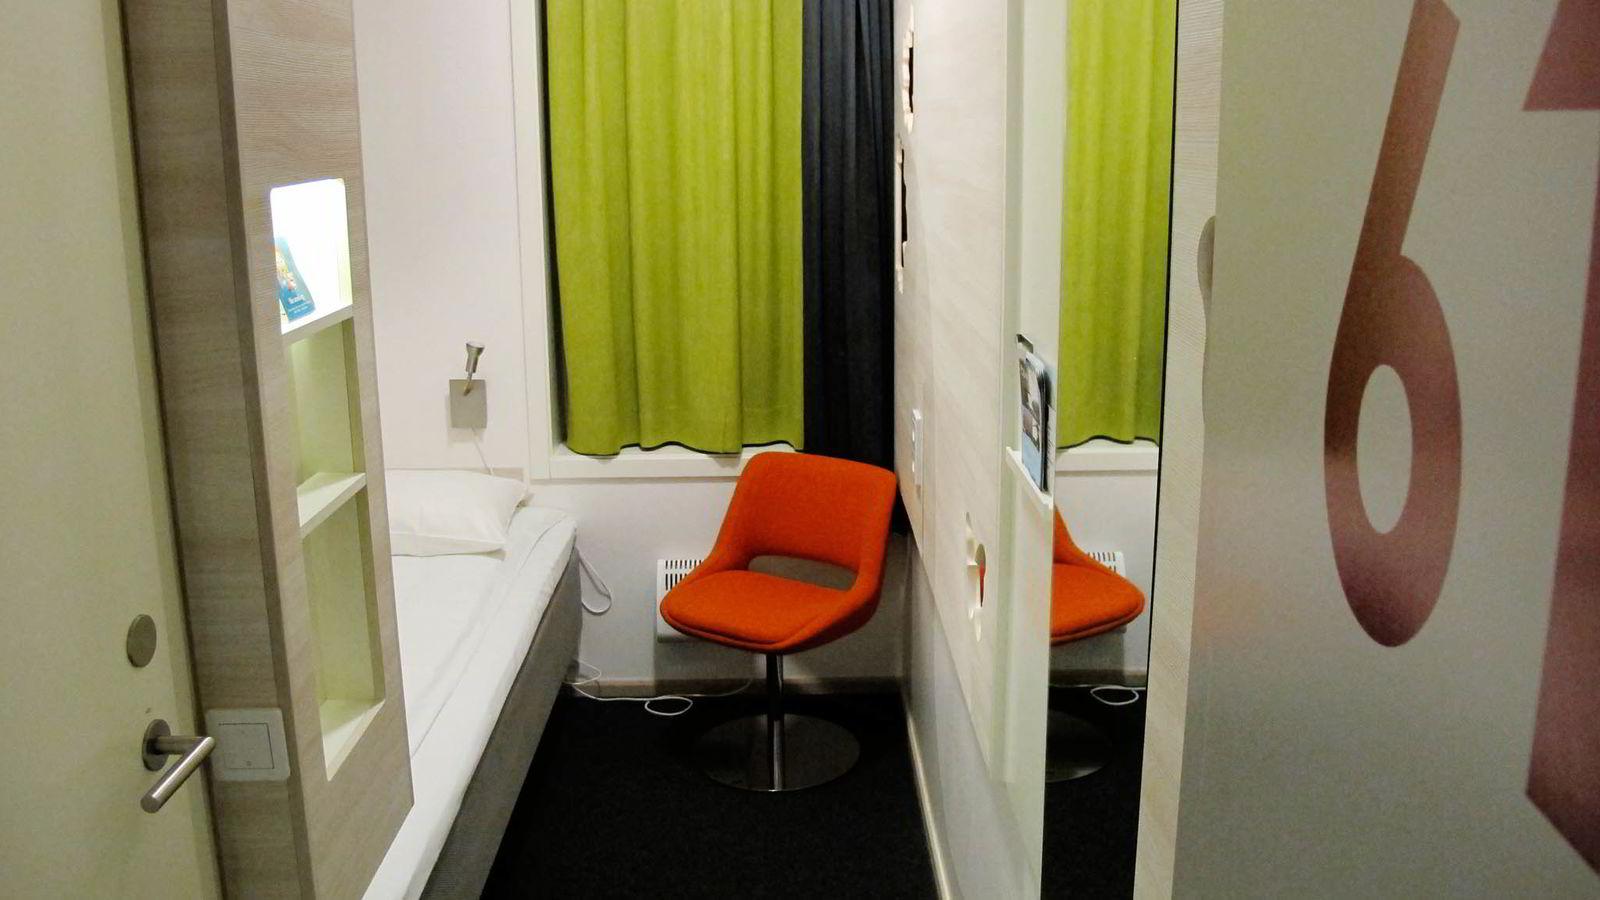 Hotellrommet er så lite at man nesten går og venter på høyttalerbeskjed om at «vi ankommer Kiel om en time».